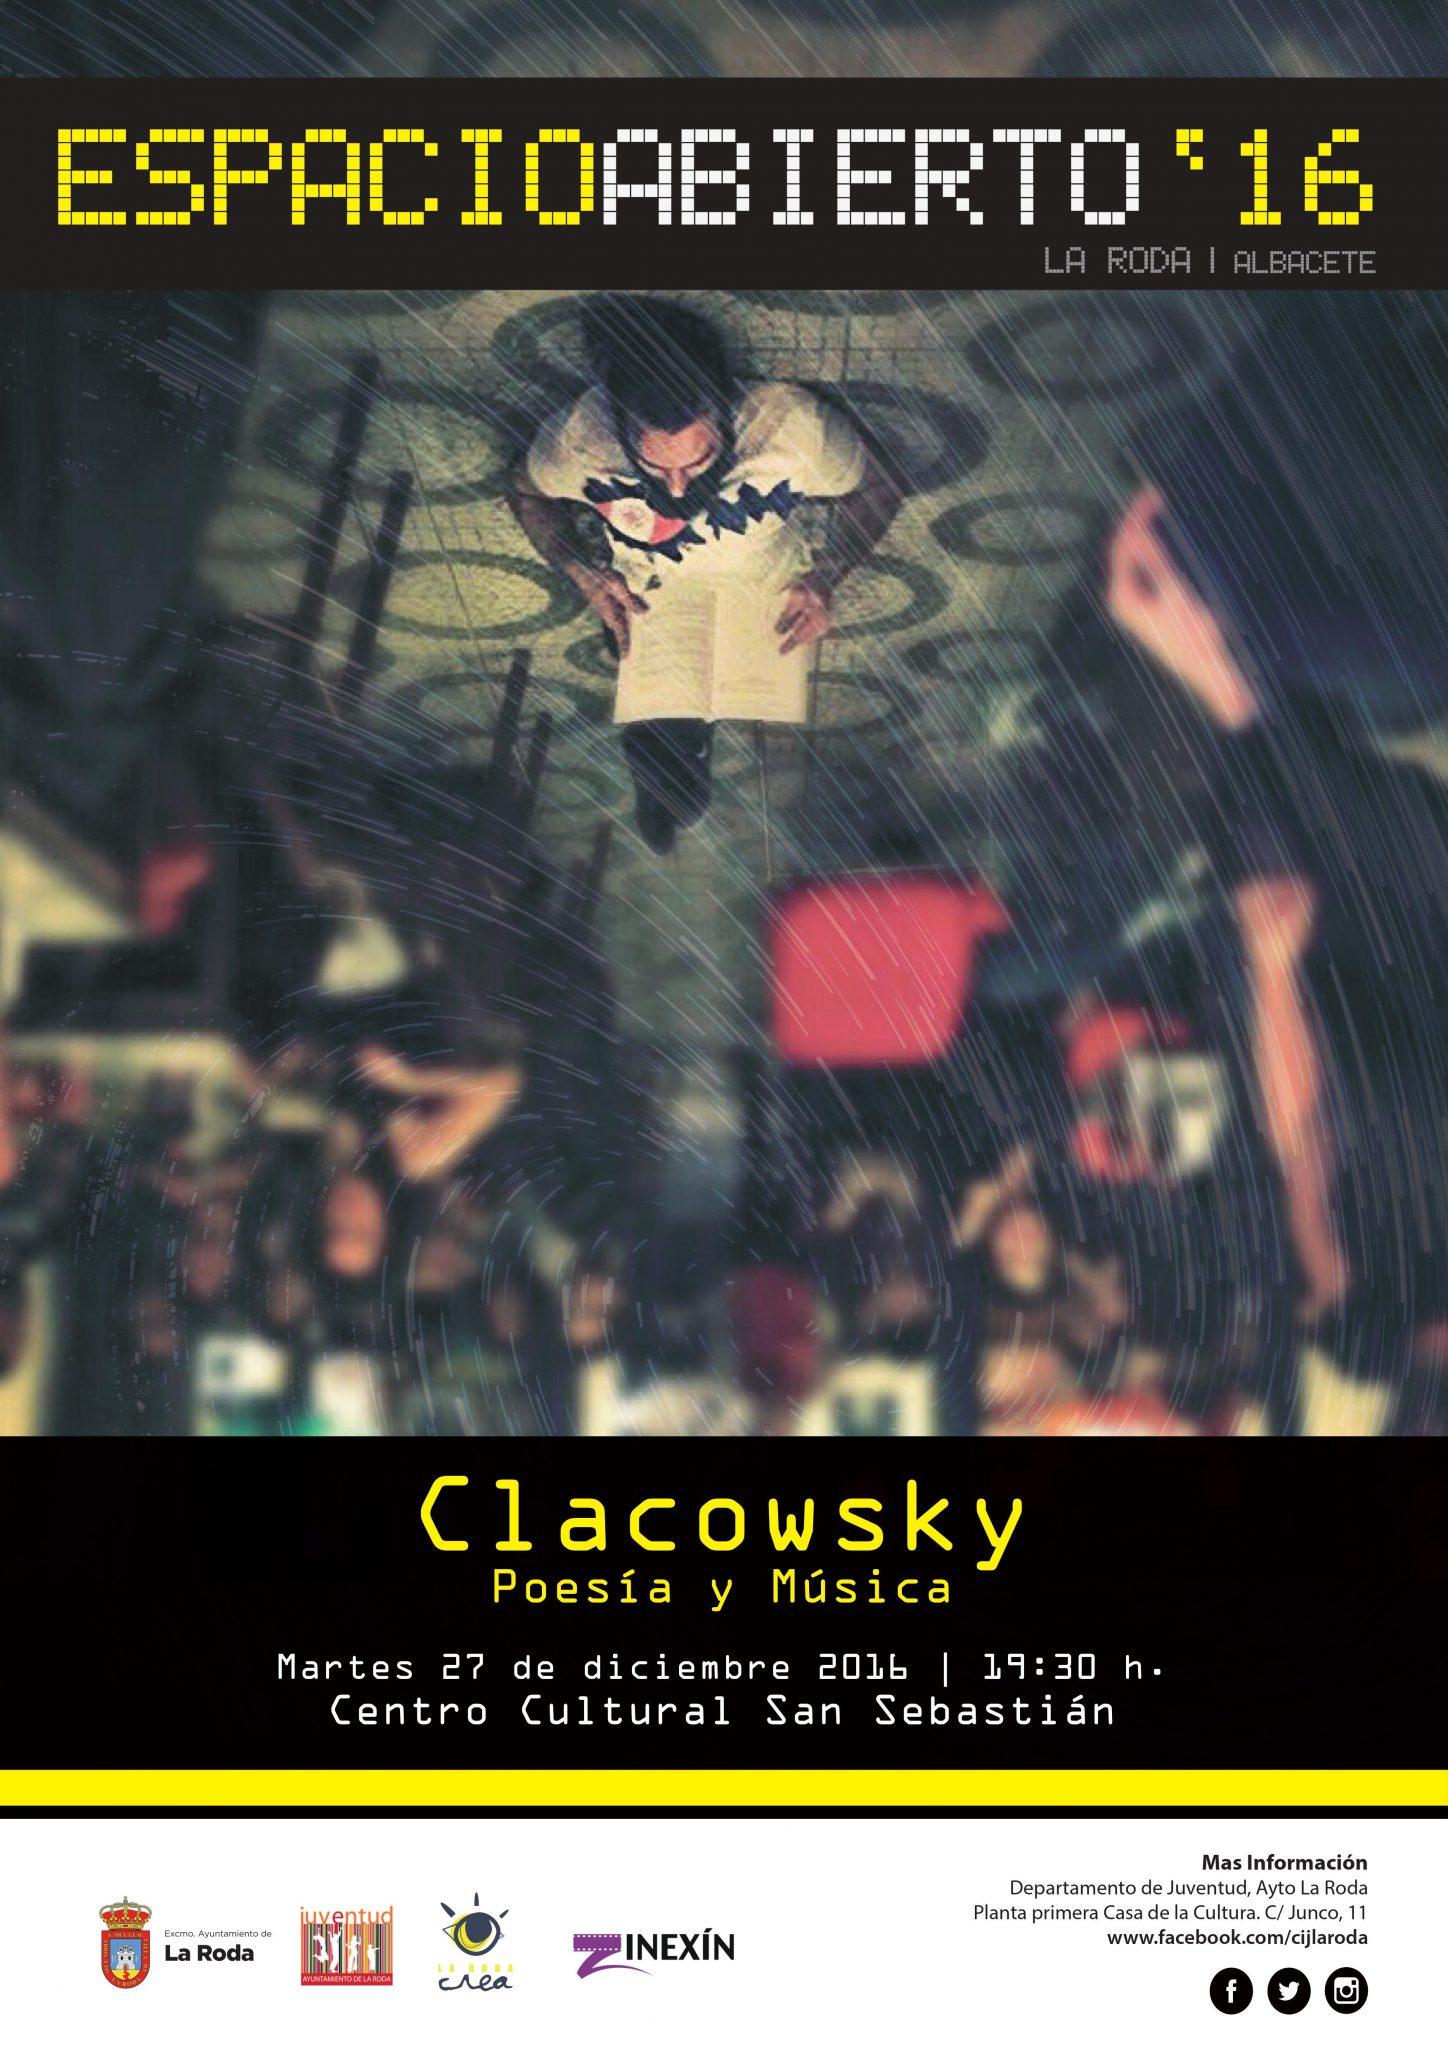 Clacowsky